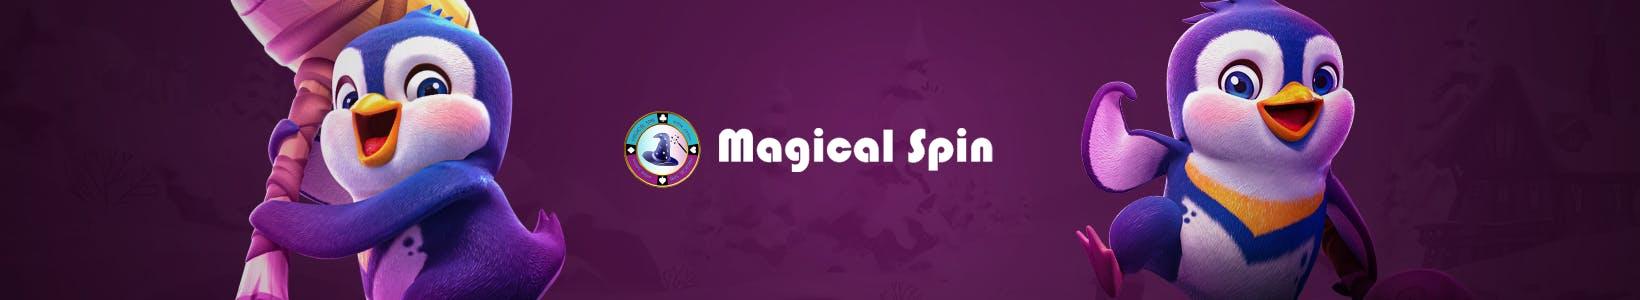 banniere promotionnelle originale magical spin par kagino fr